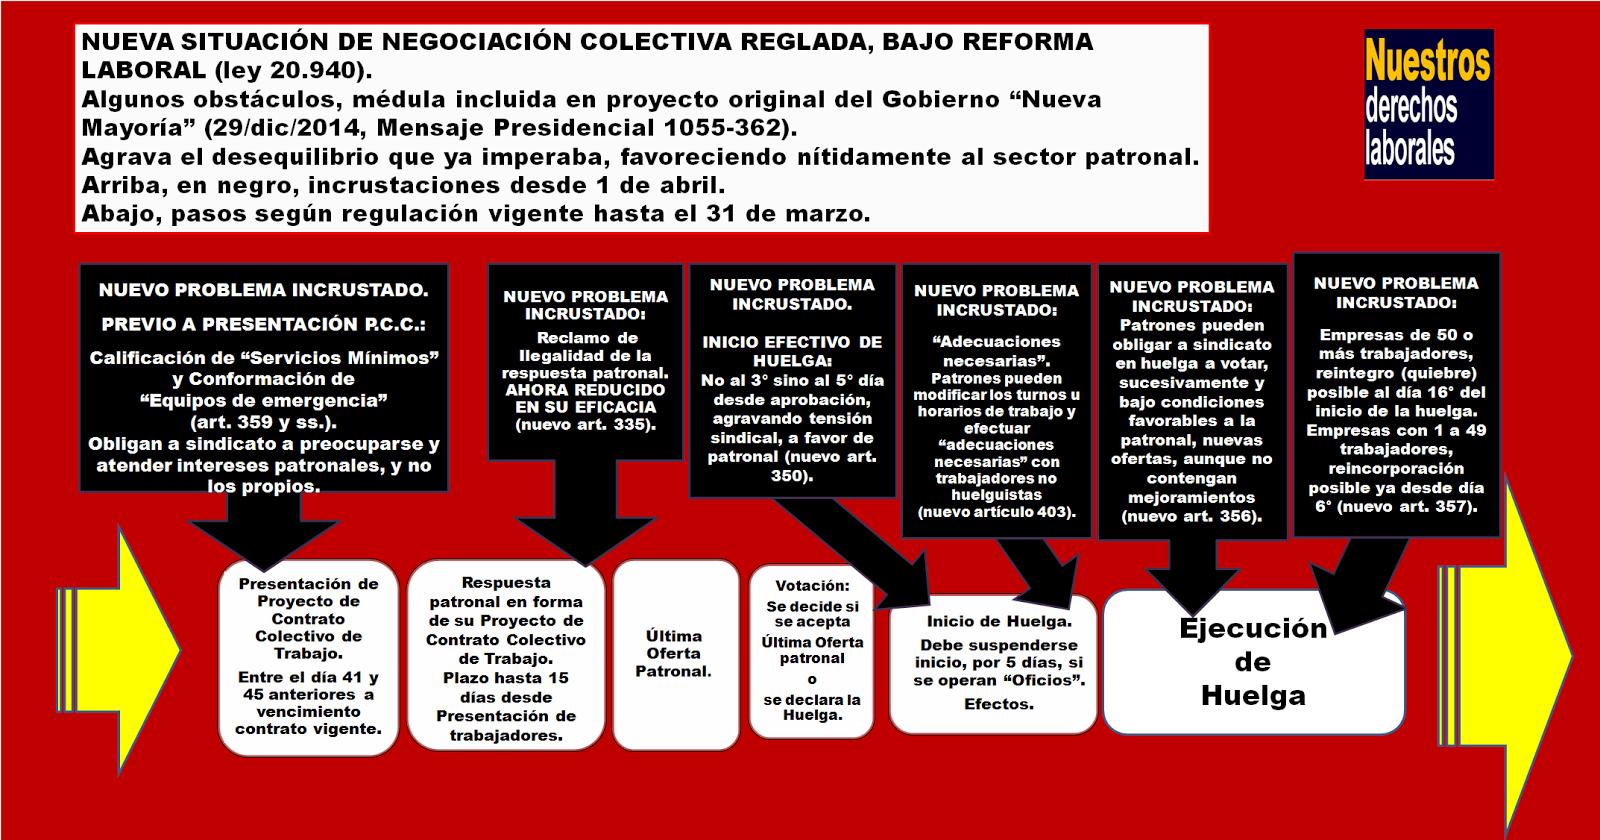 REFORMA LABORAL Y NEGOCIACIÓN COLECTIVA REGLADA.